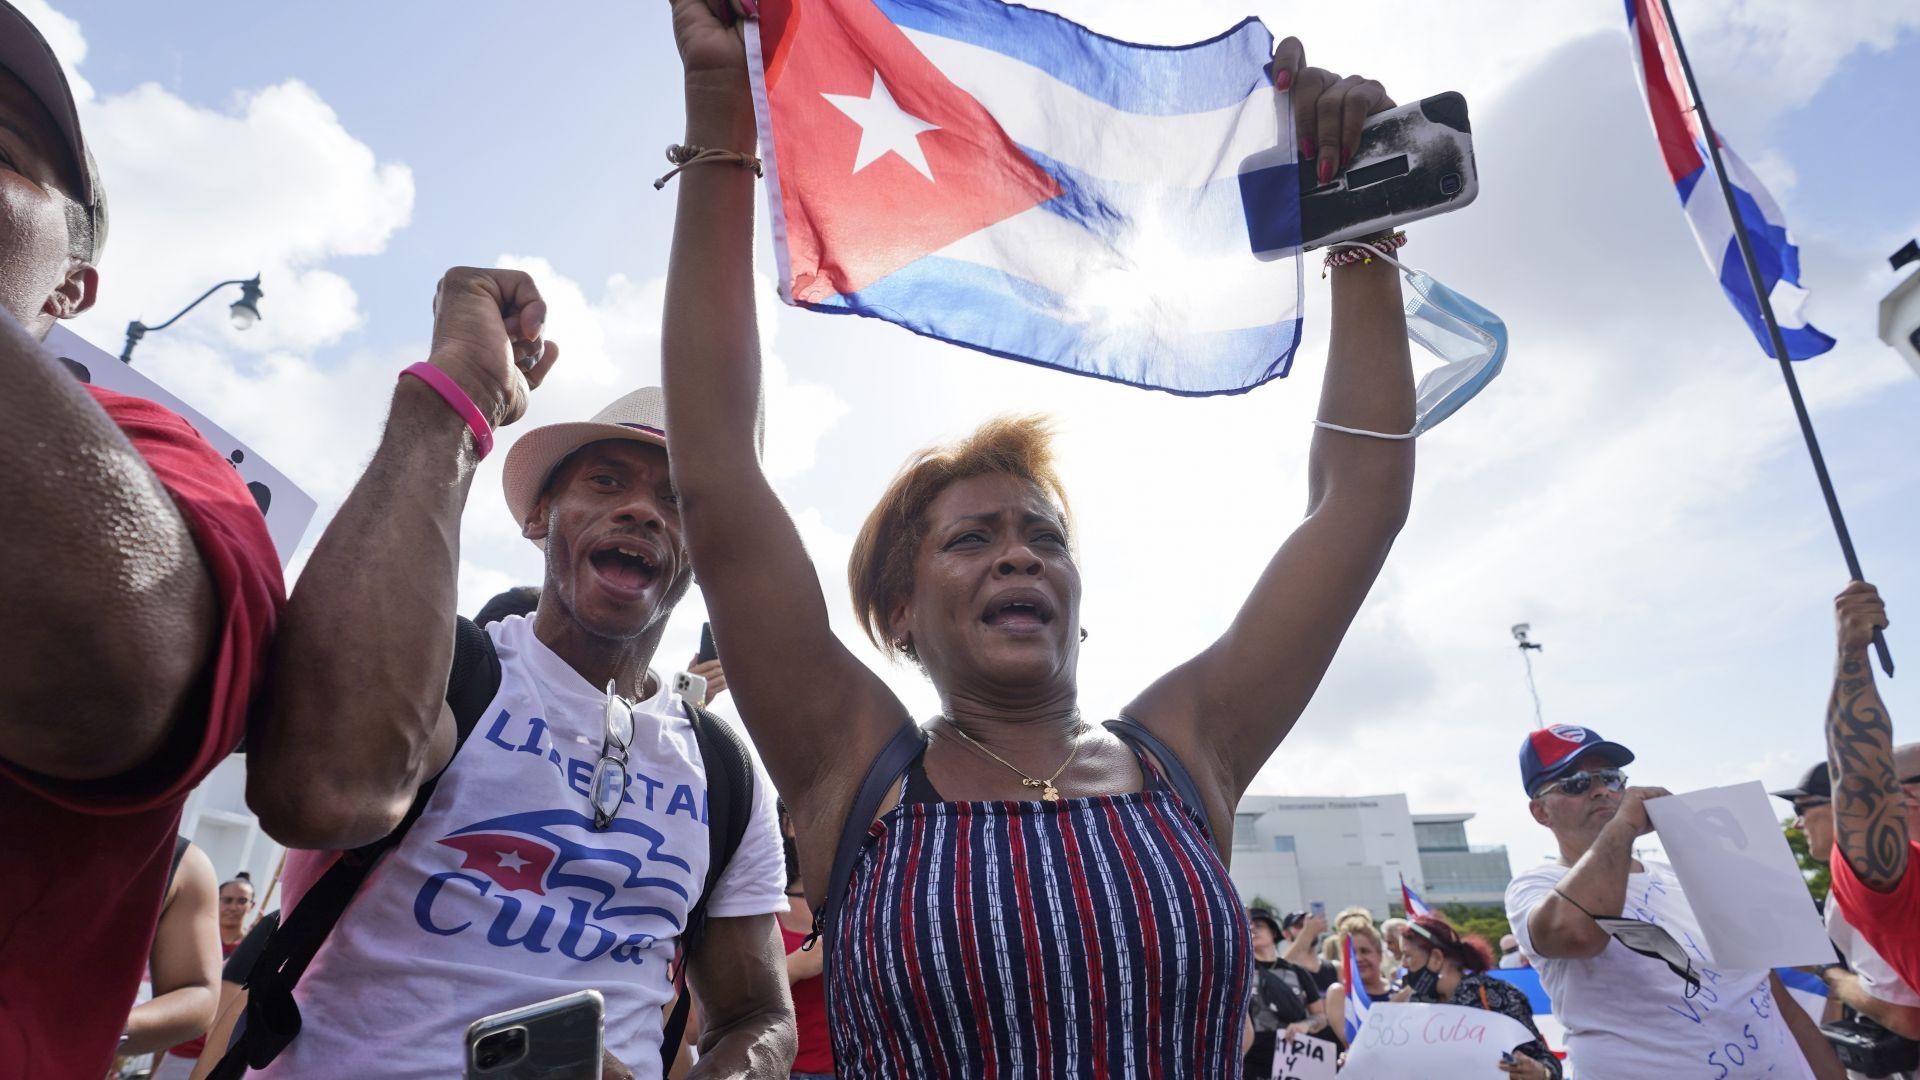 След 3 дни протести: Пуснаха мобилния нет в Куба, но няма достъп до социалните мрежи